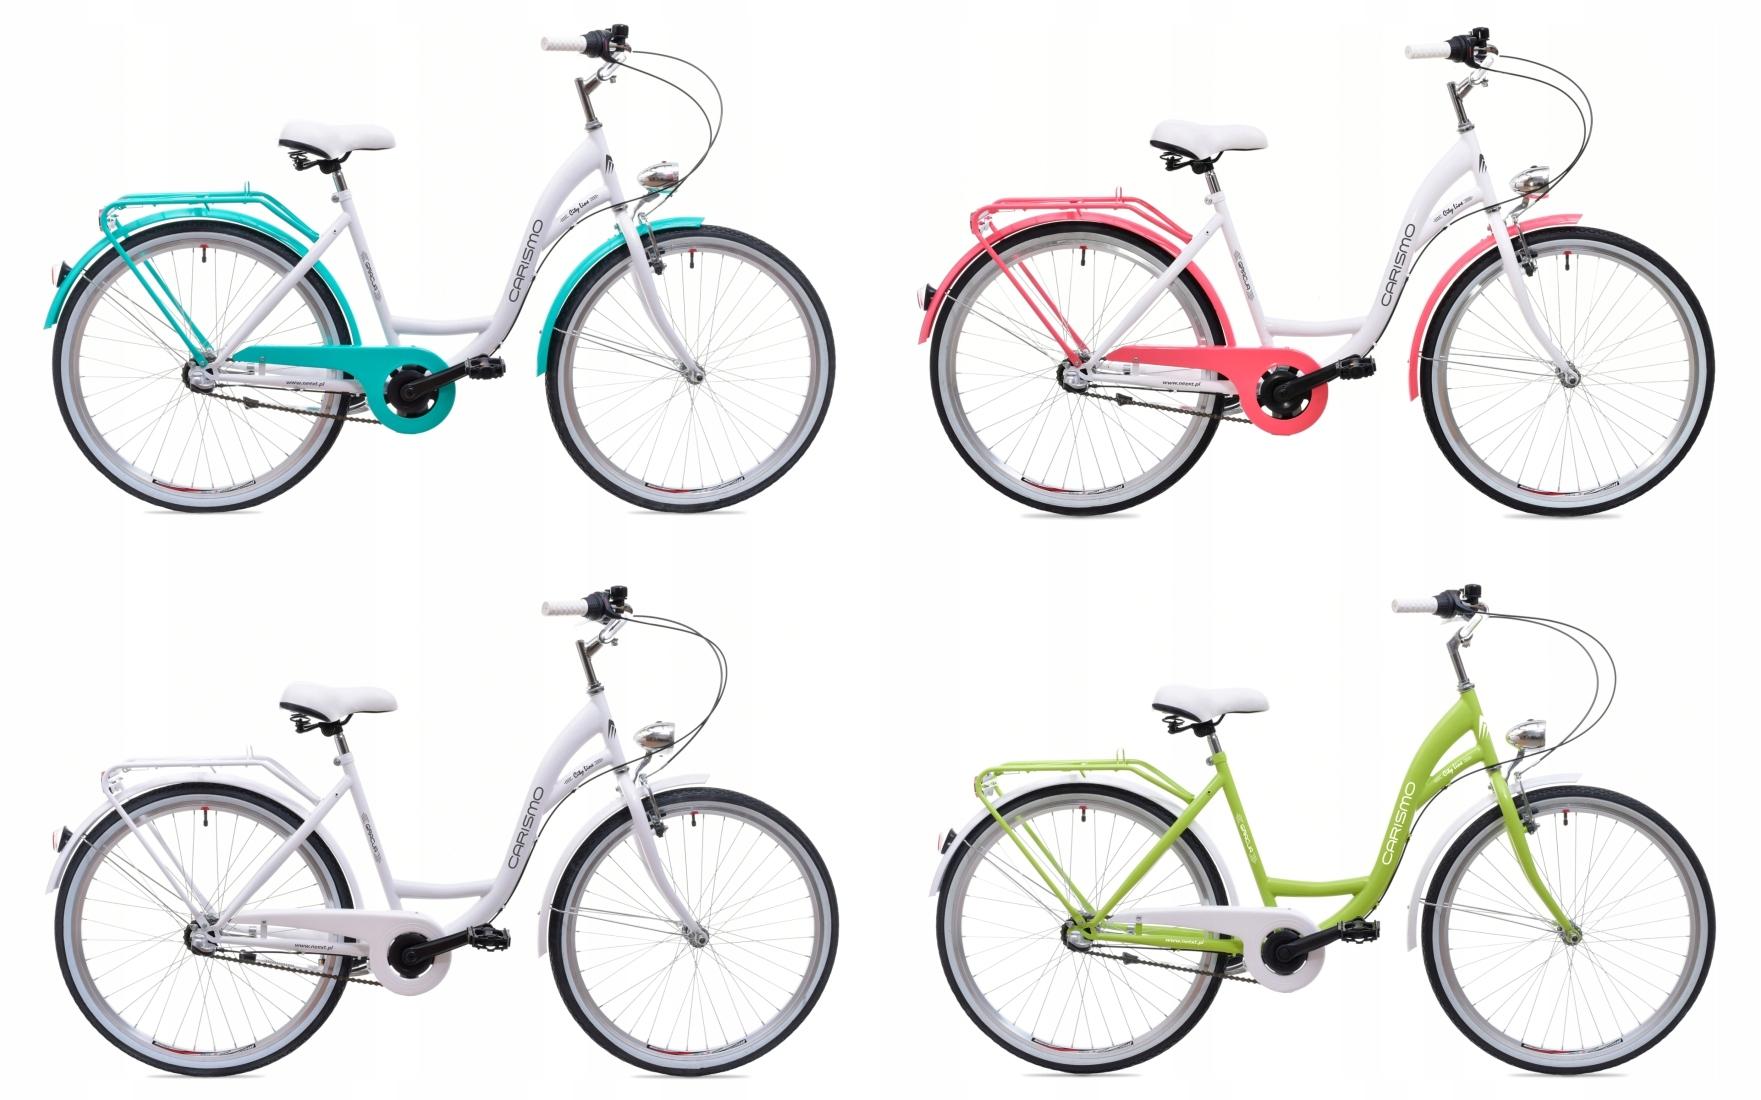 Dámsky mestský bicykel GRACE 26 Shimano 3b Holanďan. Brzdy s torpédovými V-brzdami